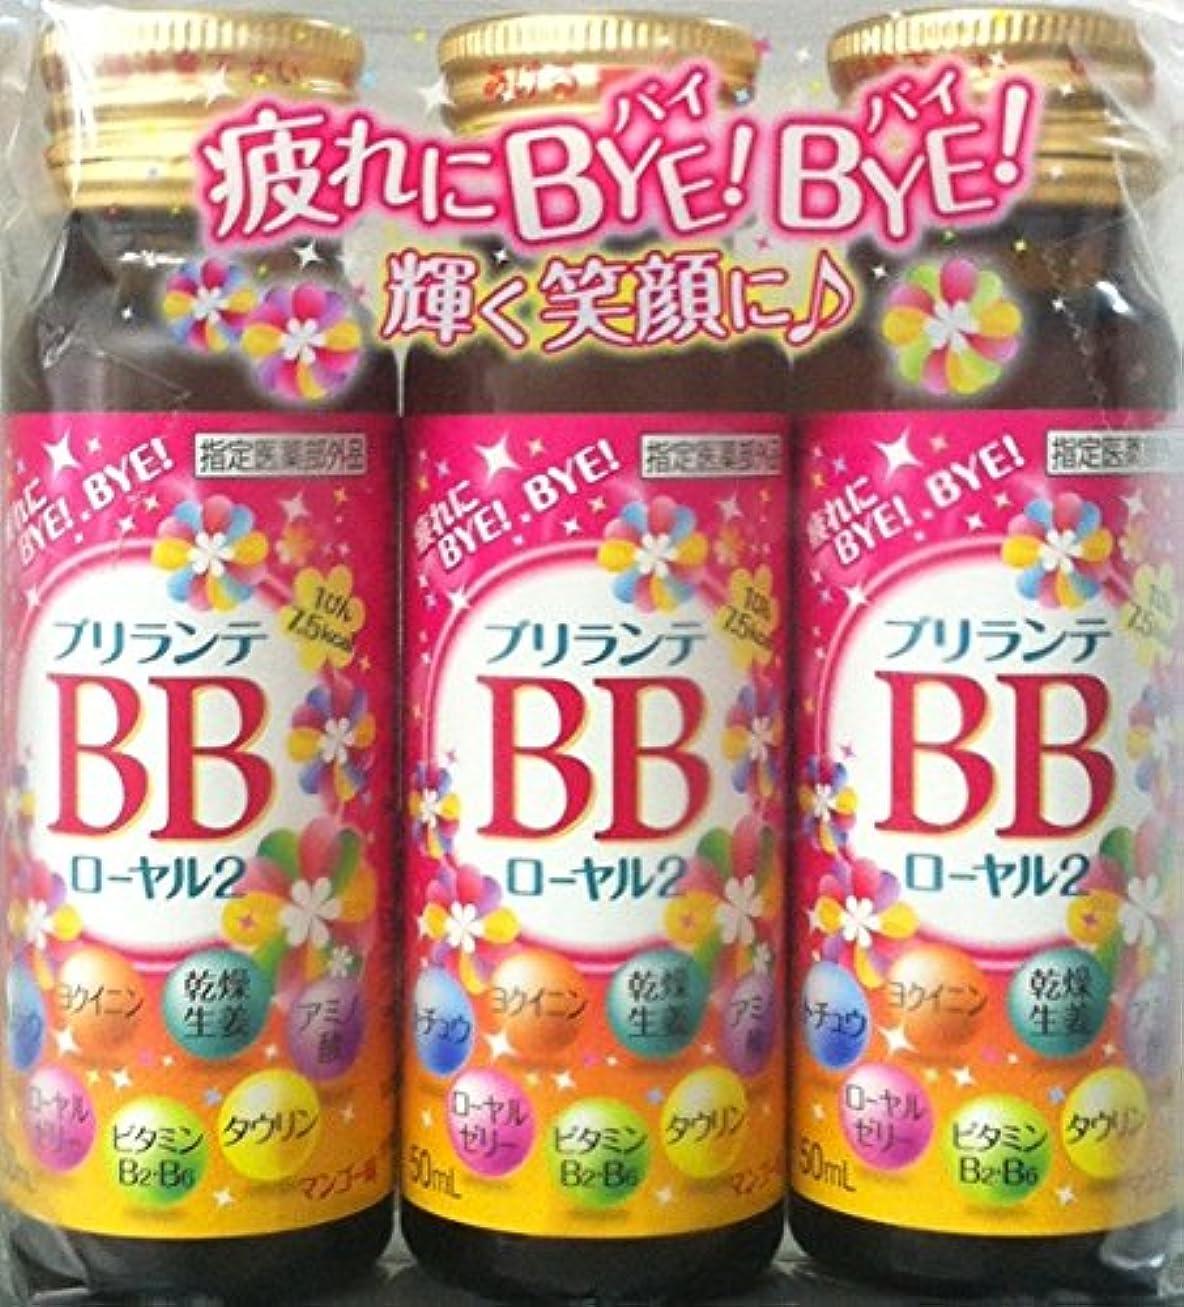 阪本漢法製薬 ブリランテBBローヤル2 50ml×3本セット